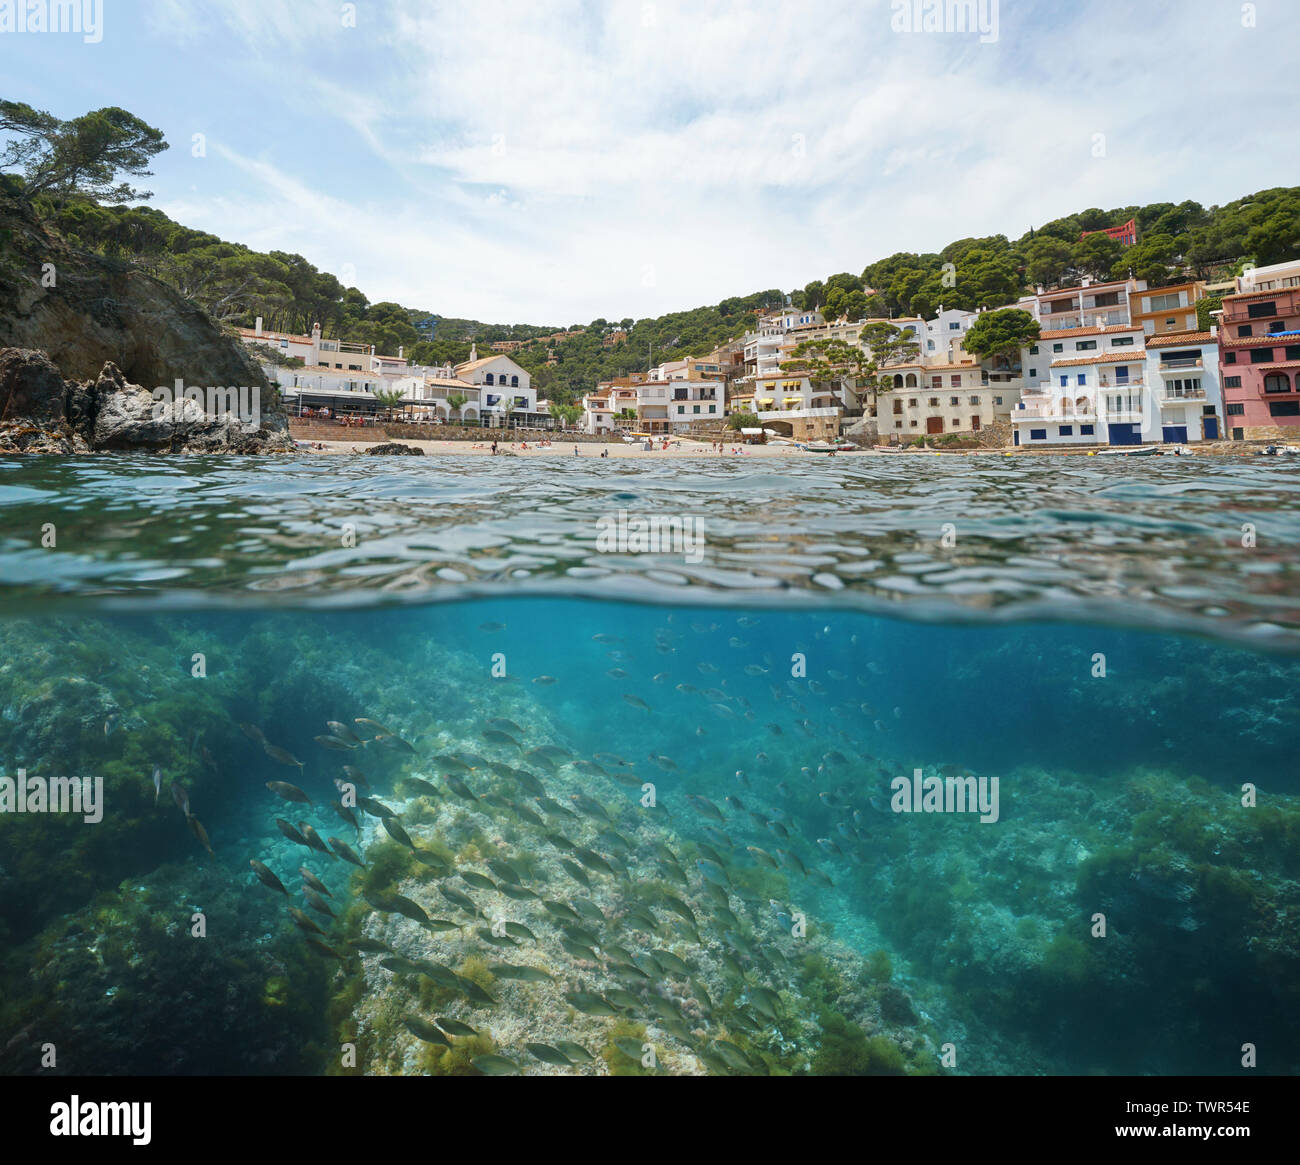 España pueblo costero con playa y peces bajo el agua, el mar Mediterráneo, Cala Sa Tuna, Begur, Costa Brava, Cataluña, vista dividida sobre y bajo el agua Foto de stock